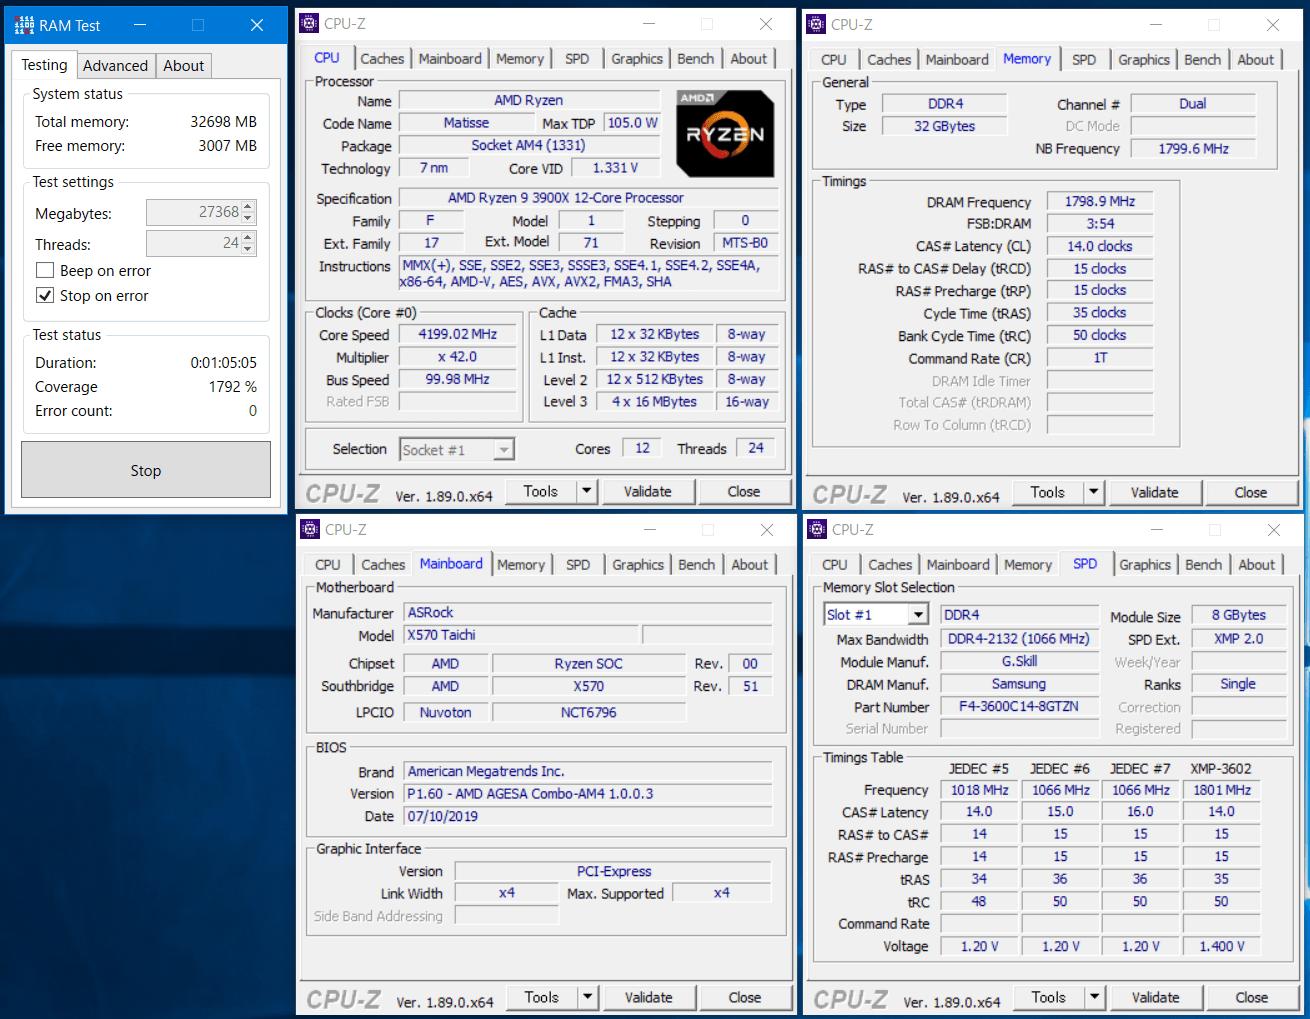 F4-3600C14Q-32GTZN_ASRock X570 Taichi_RAM Test